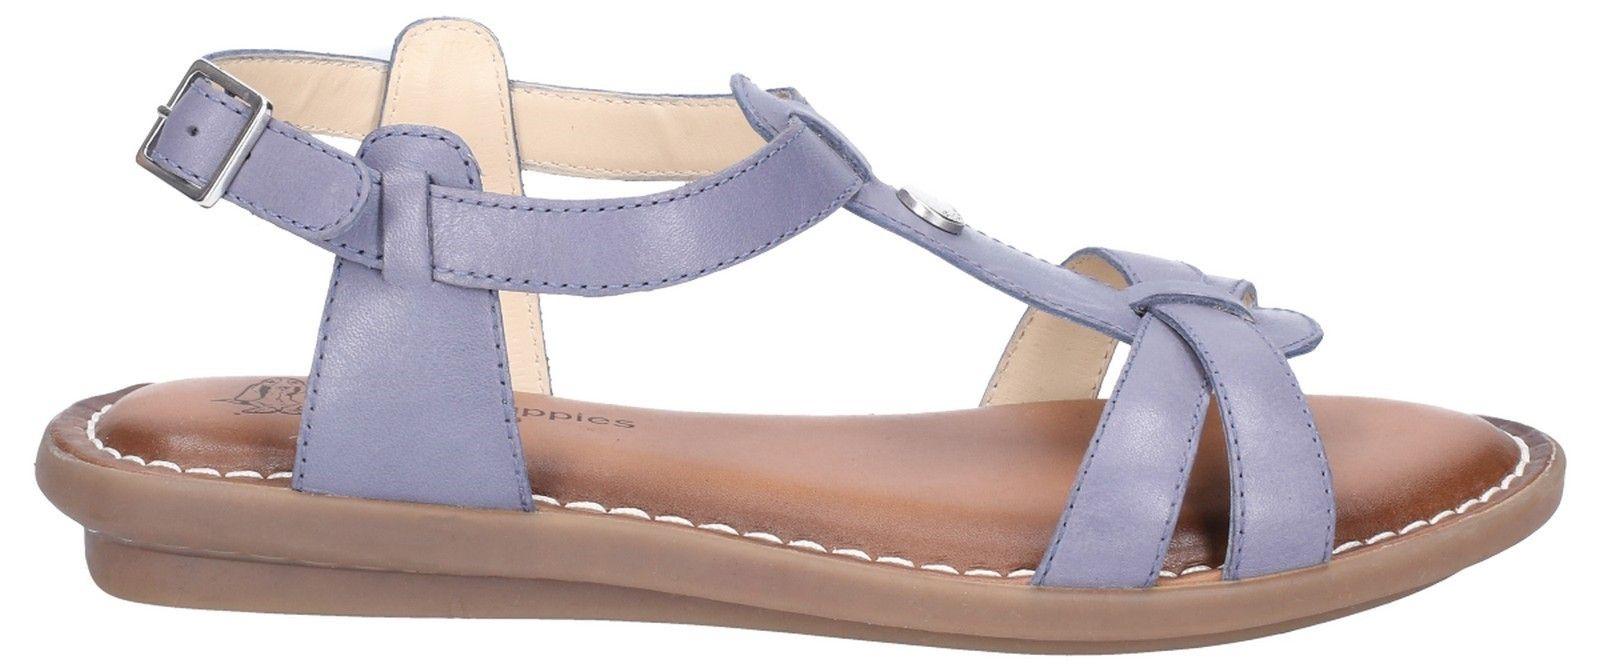 Olive Tstrap Buckle Strap Sandal